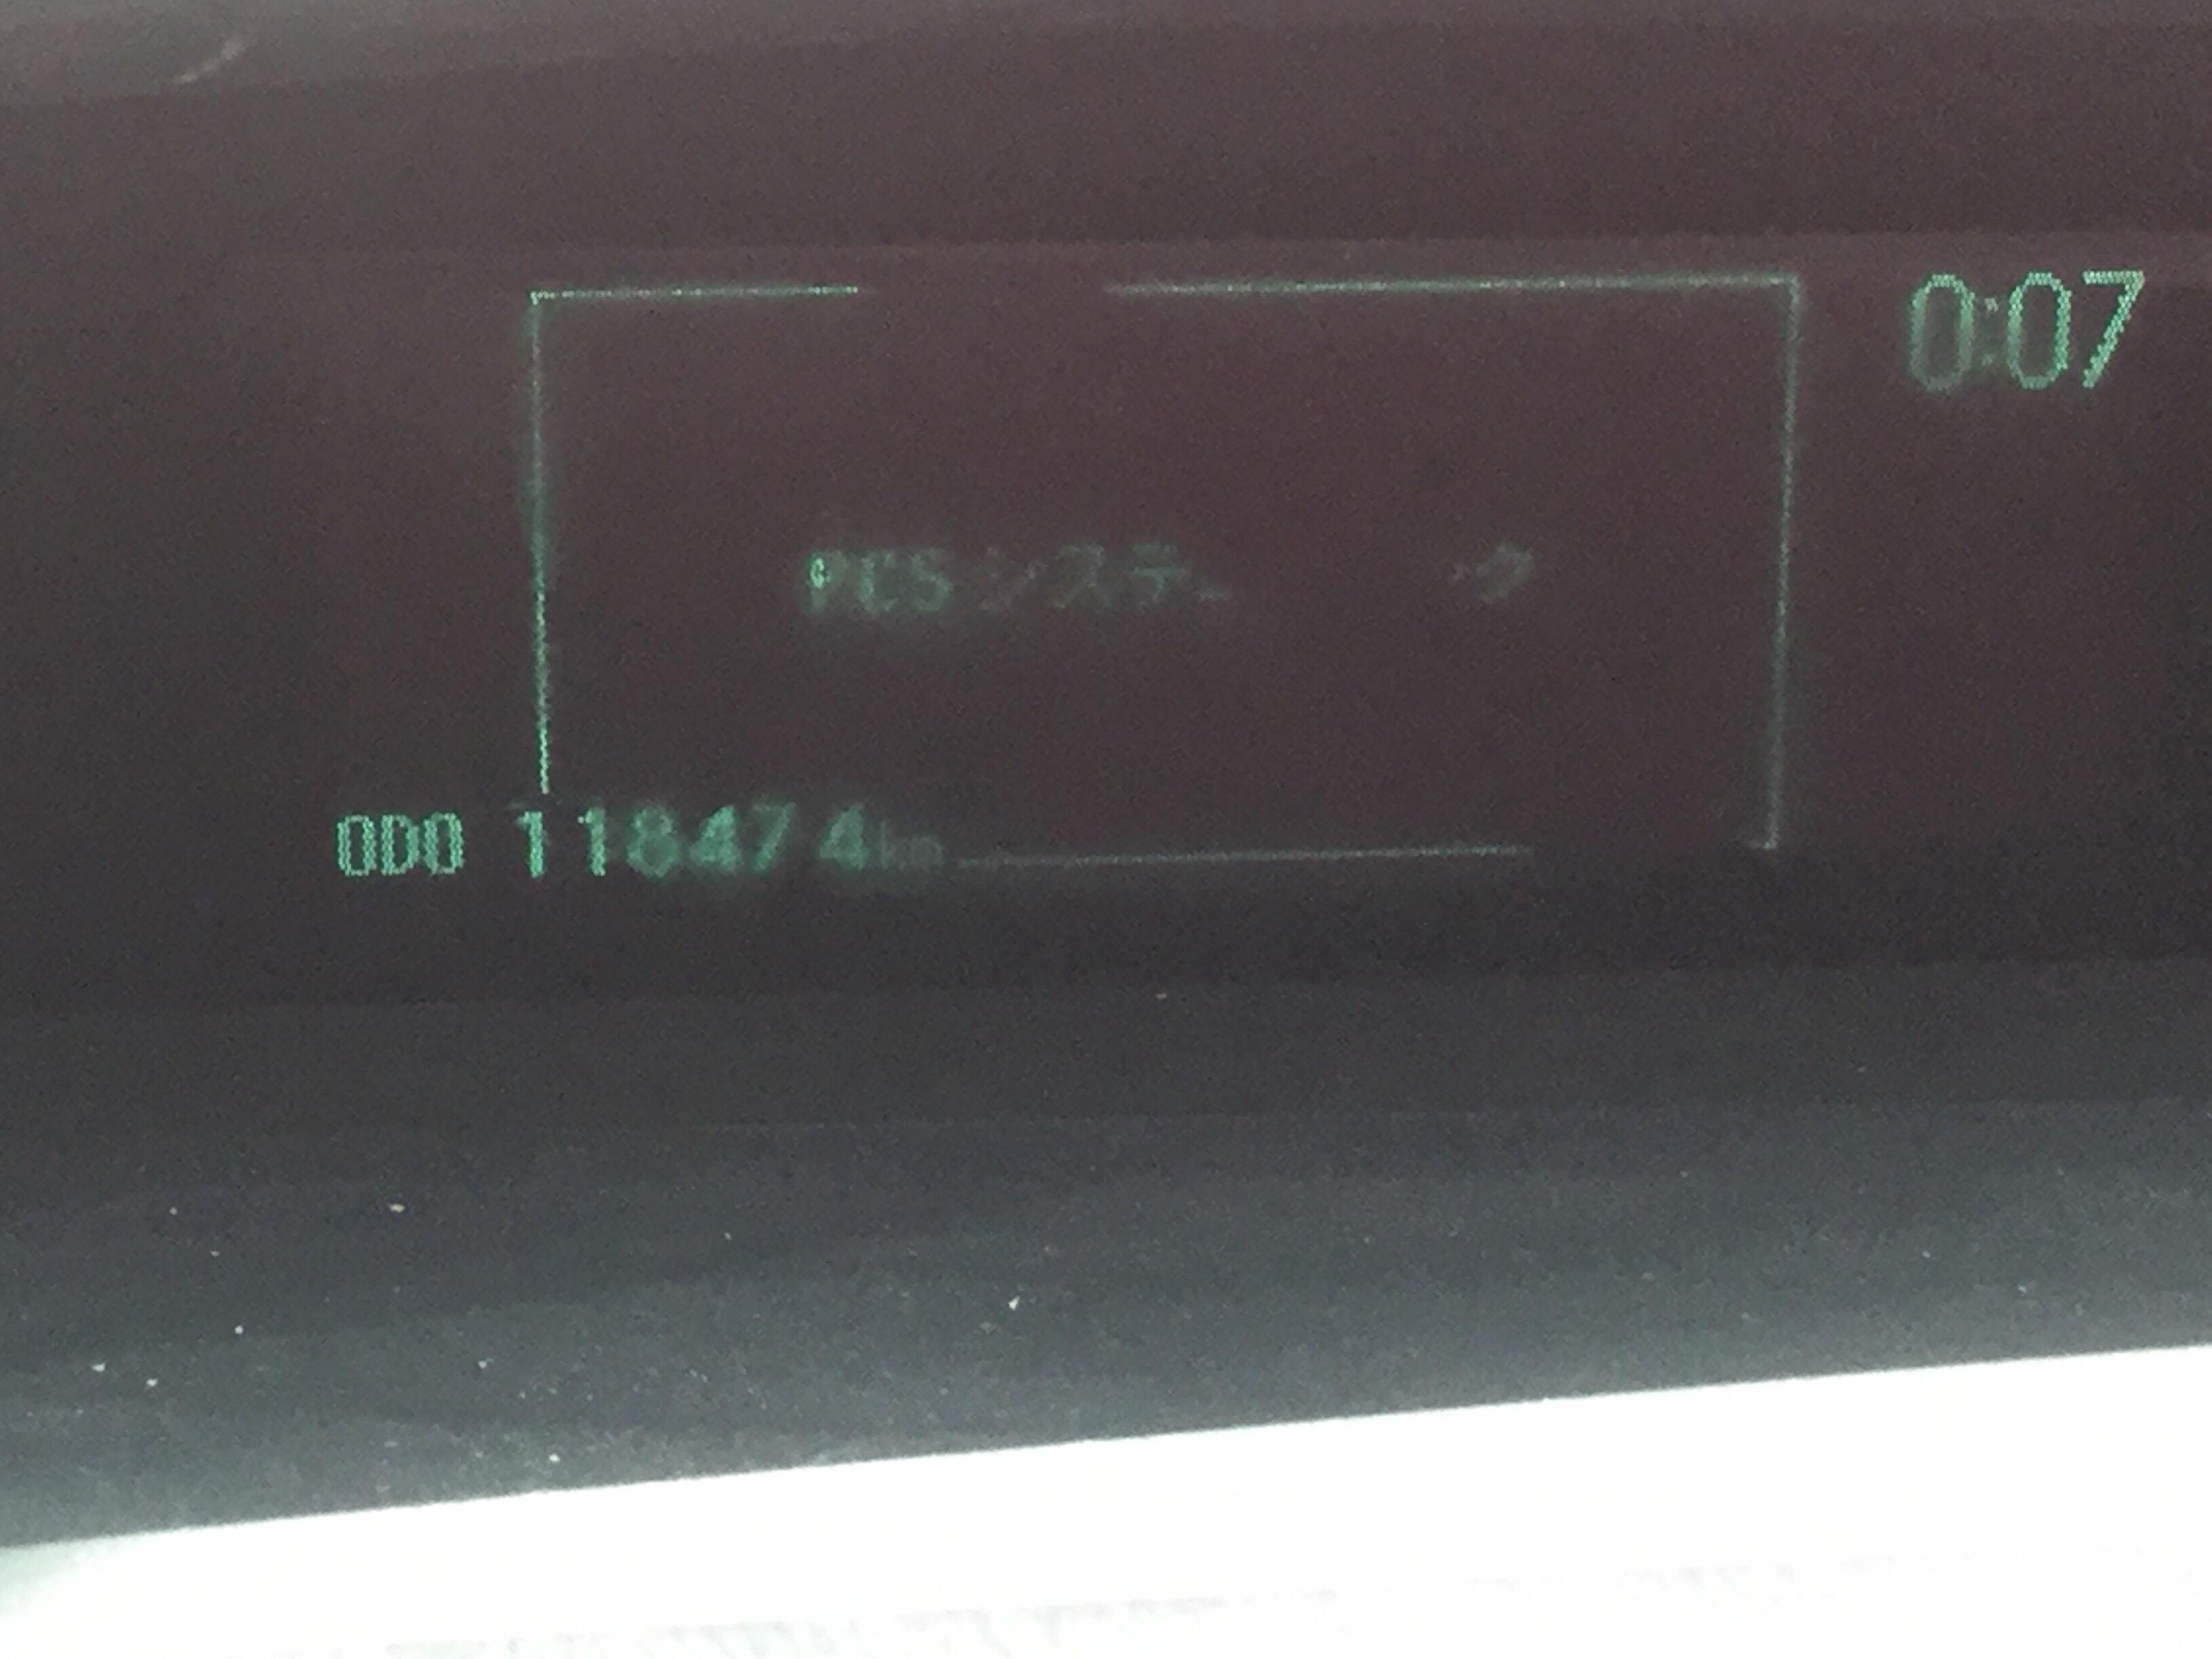 TOYOTA Prius   Ref:SP233255     8/26